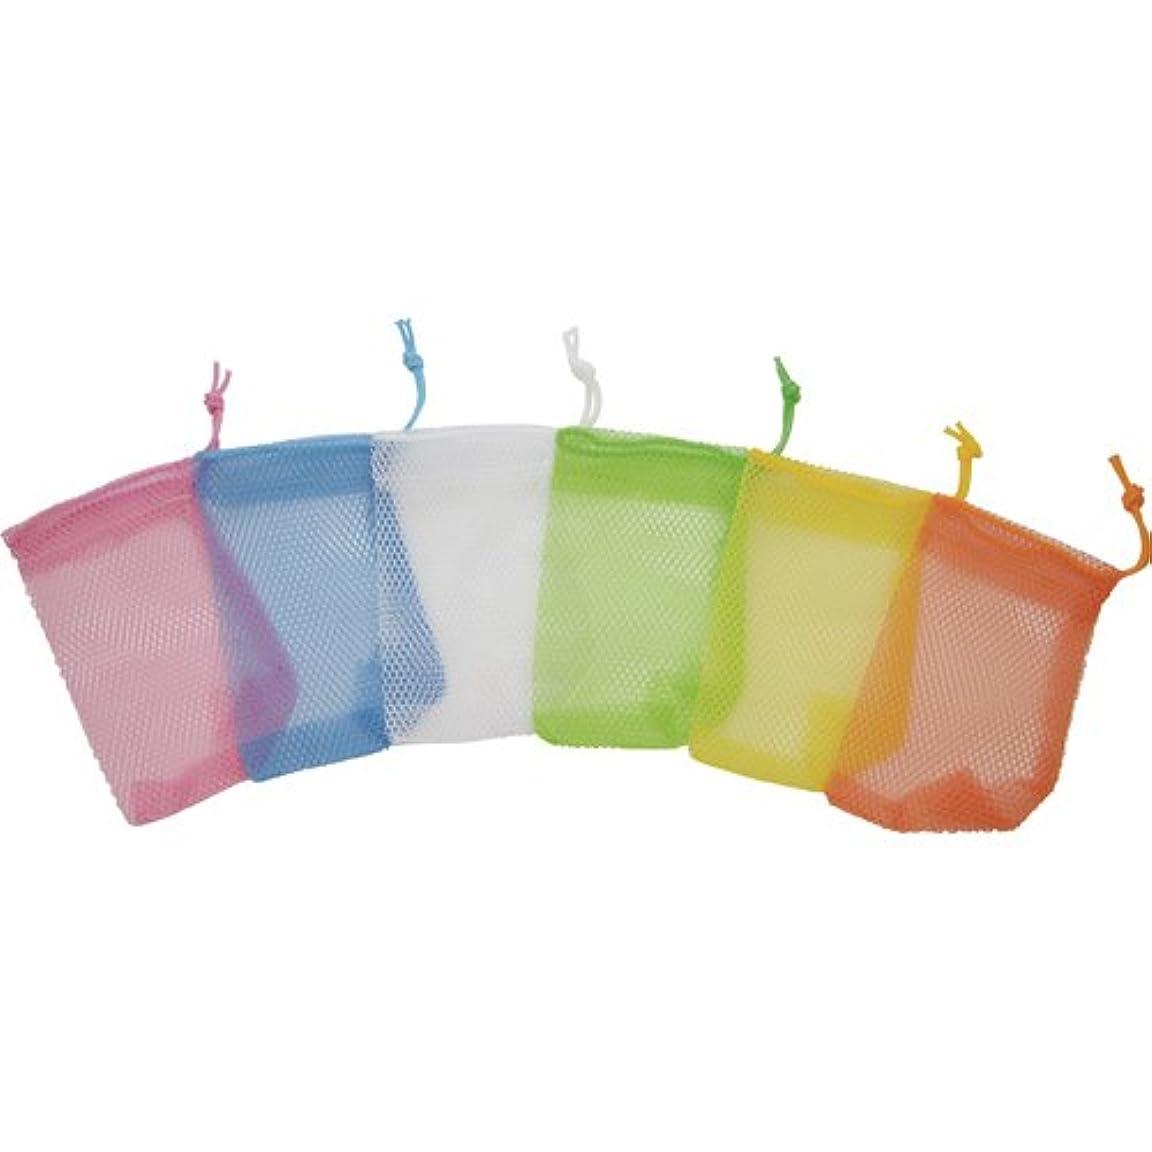 ハシーペストキーsanwa(サンワ) 石鹸ネット ひもタイプ 6色アソート 24枚組 101551